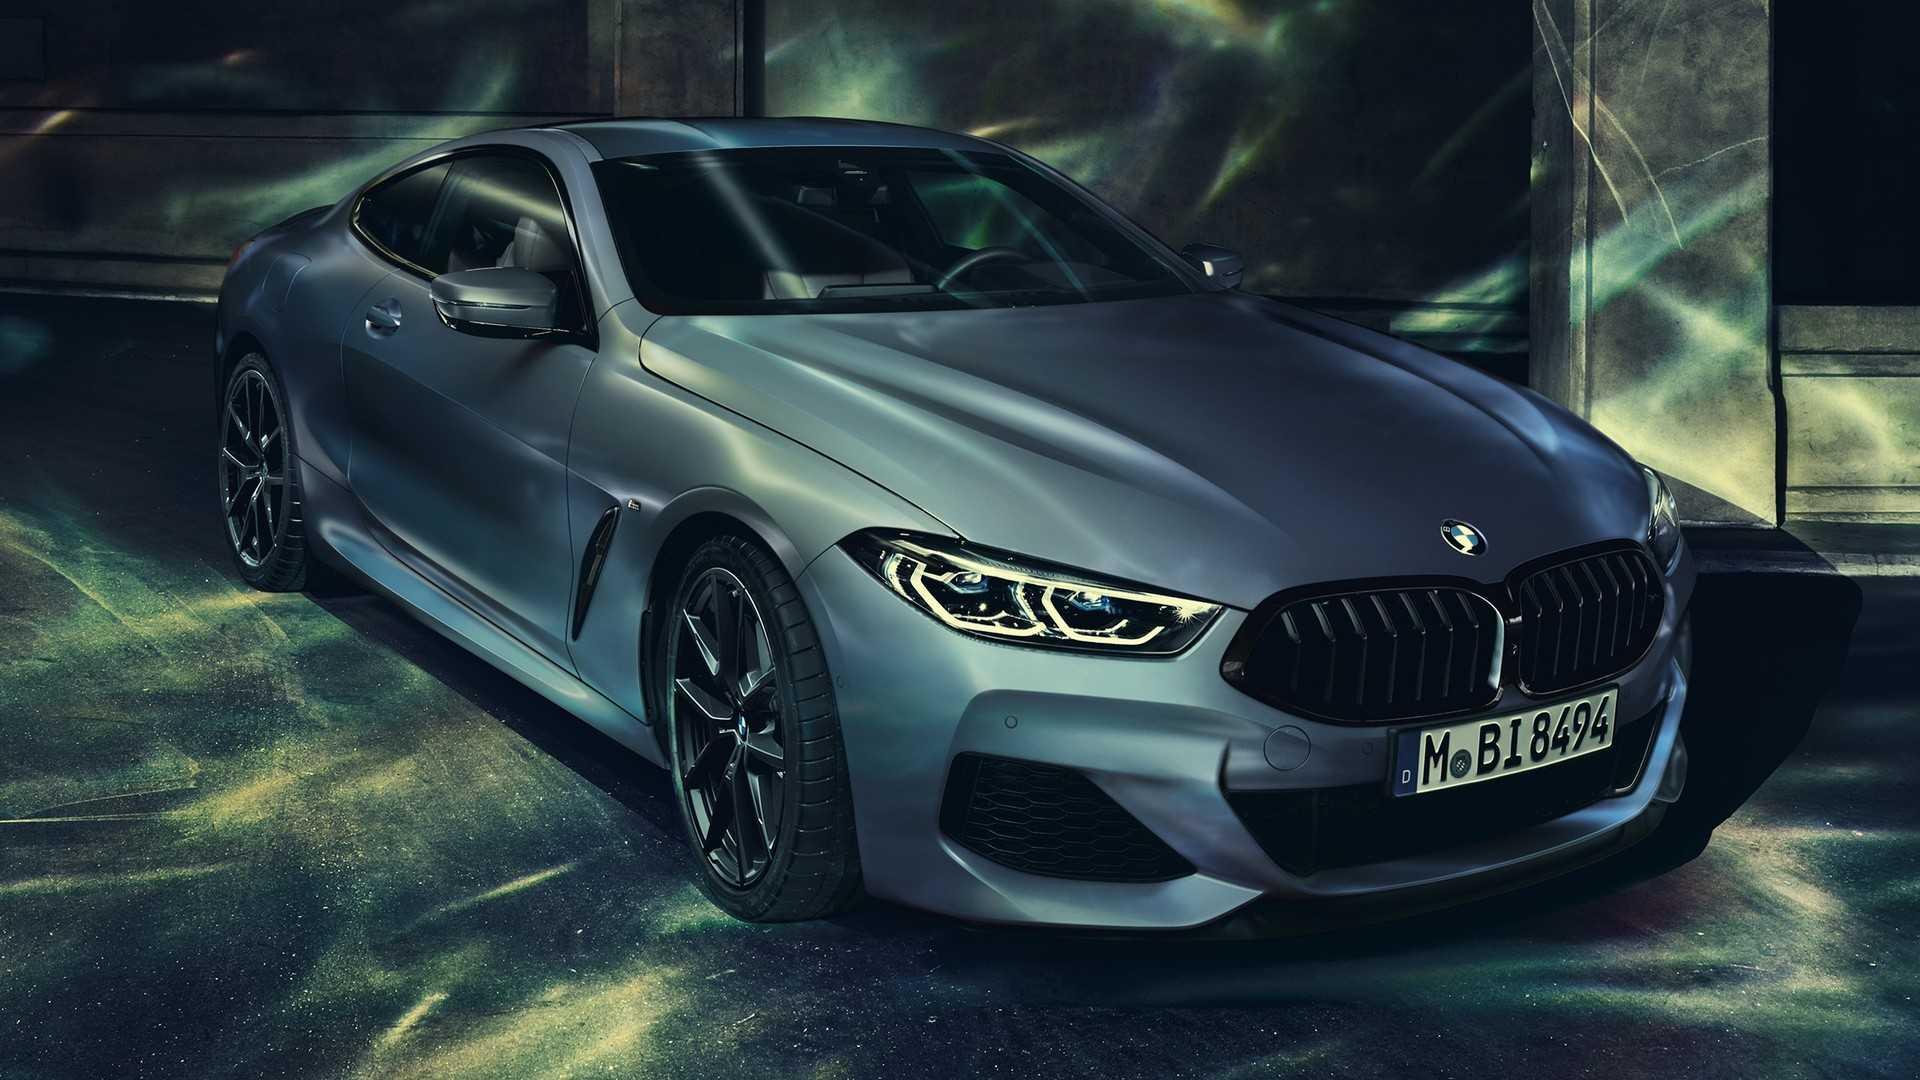 BMW M850i xDrive First Edition – poželjan da poželjniji ne može biti